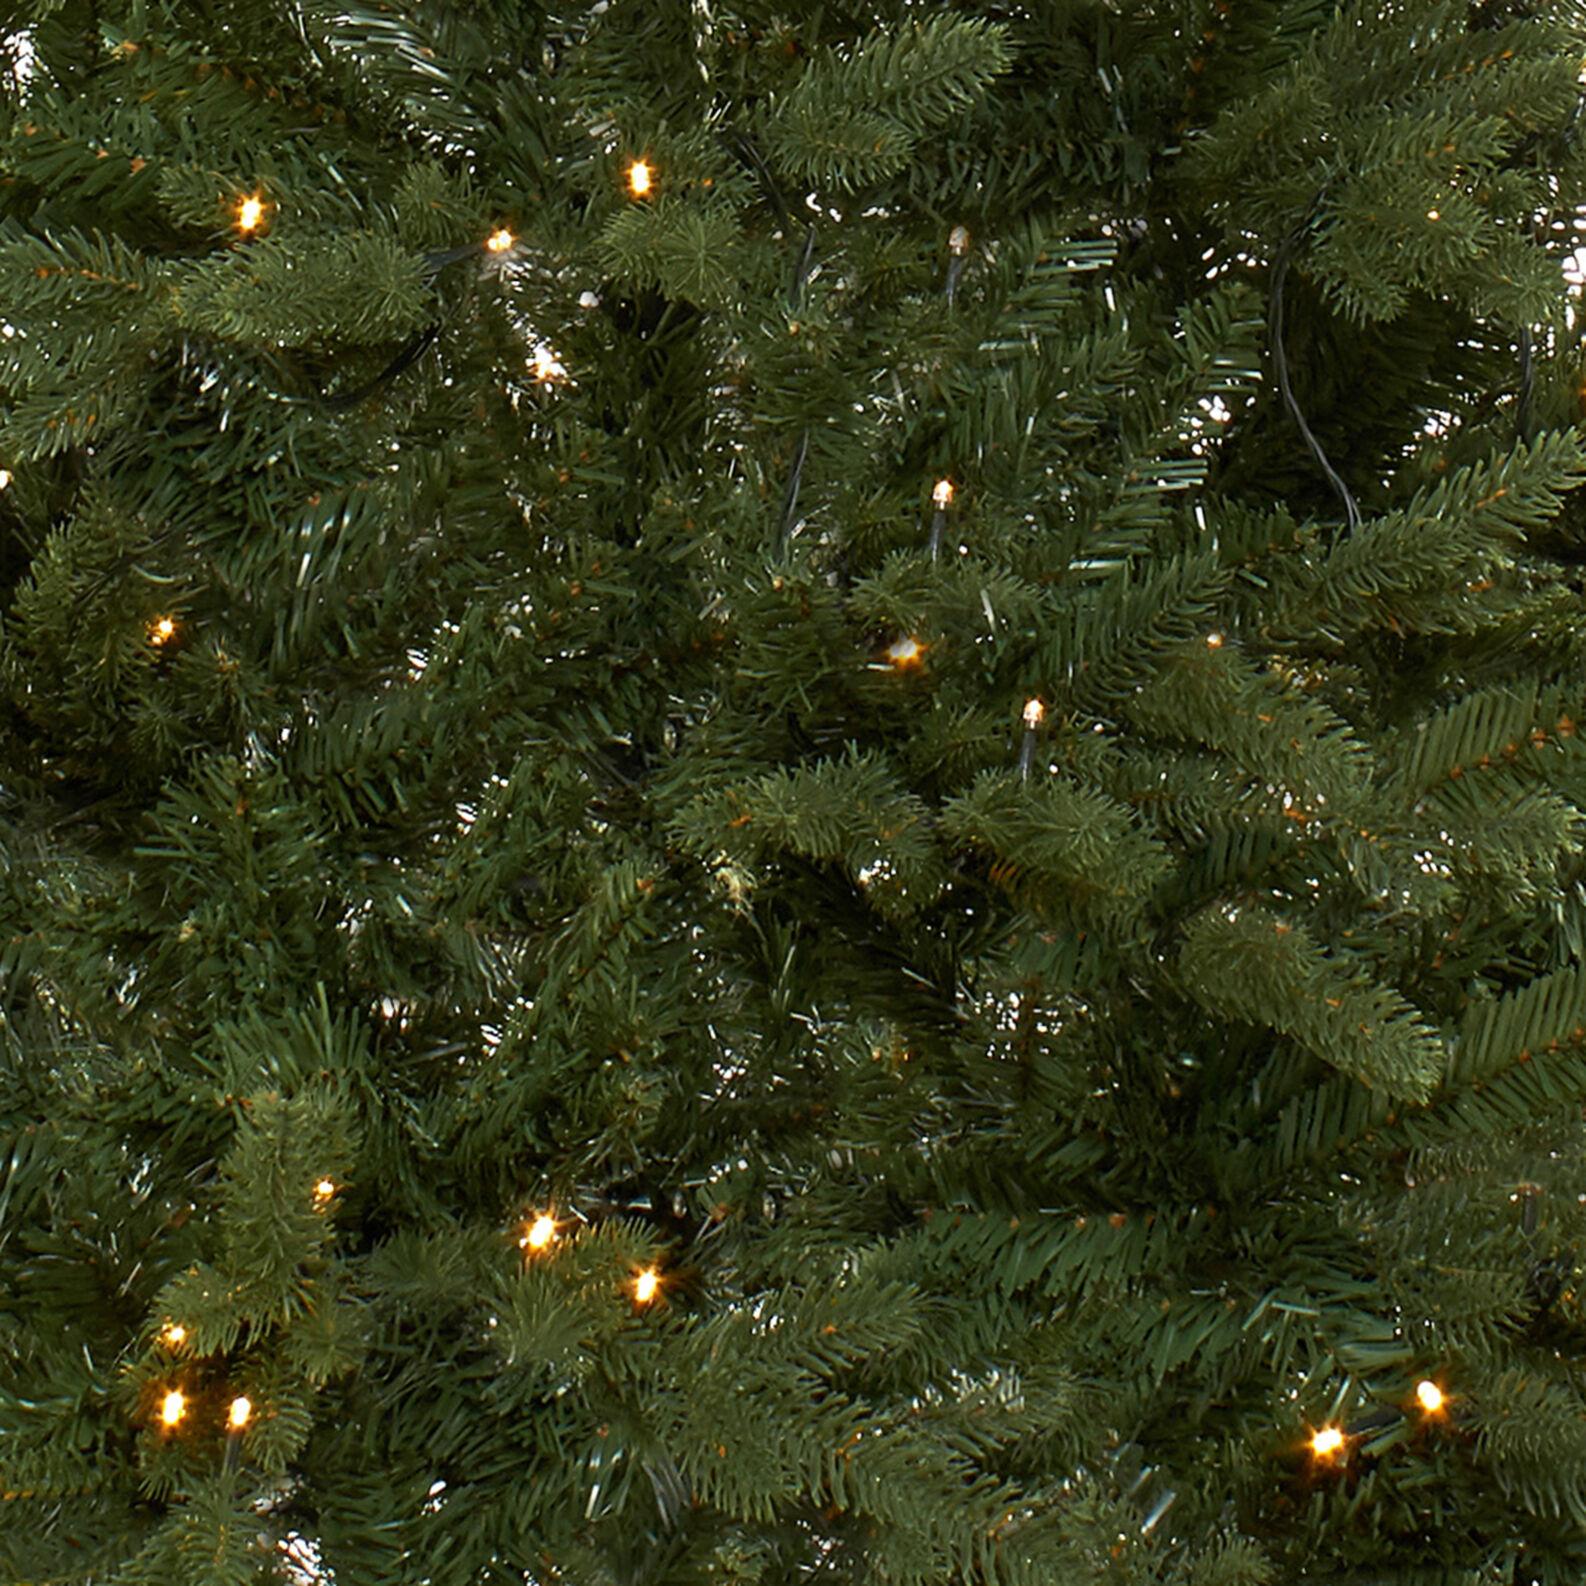 Albero Di Natale 400 Cm.Albero Di Natale Cortina Con Led 400 Luci H 210cm Coincasa